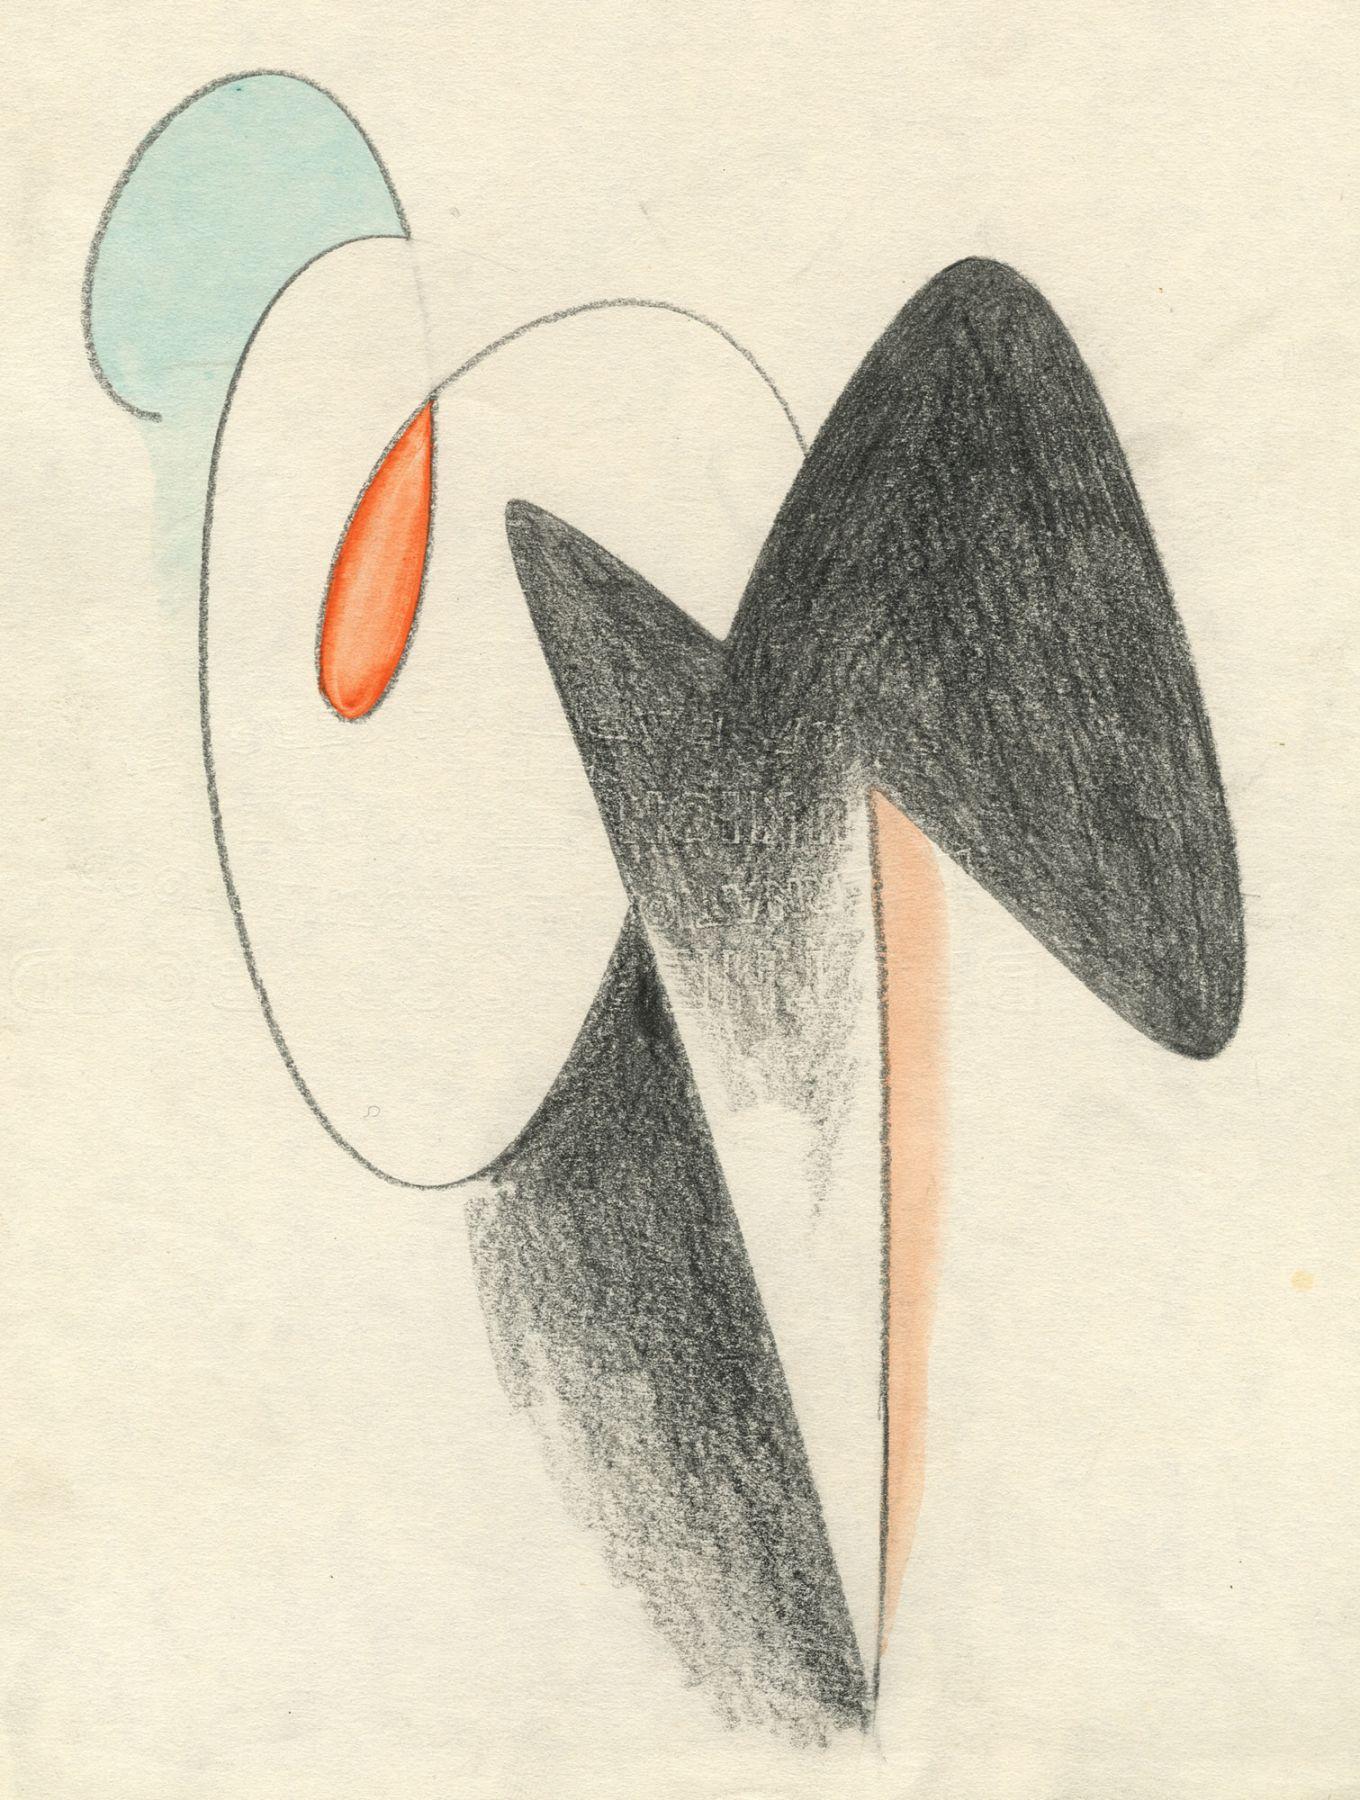 SIDNEY GORDIN (1918-1996), Untitled - Pink, Black, Red, Blue